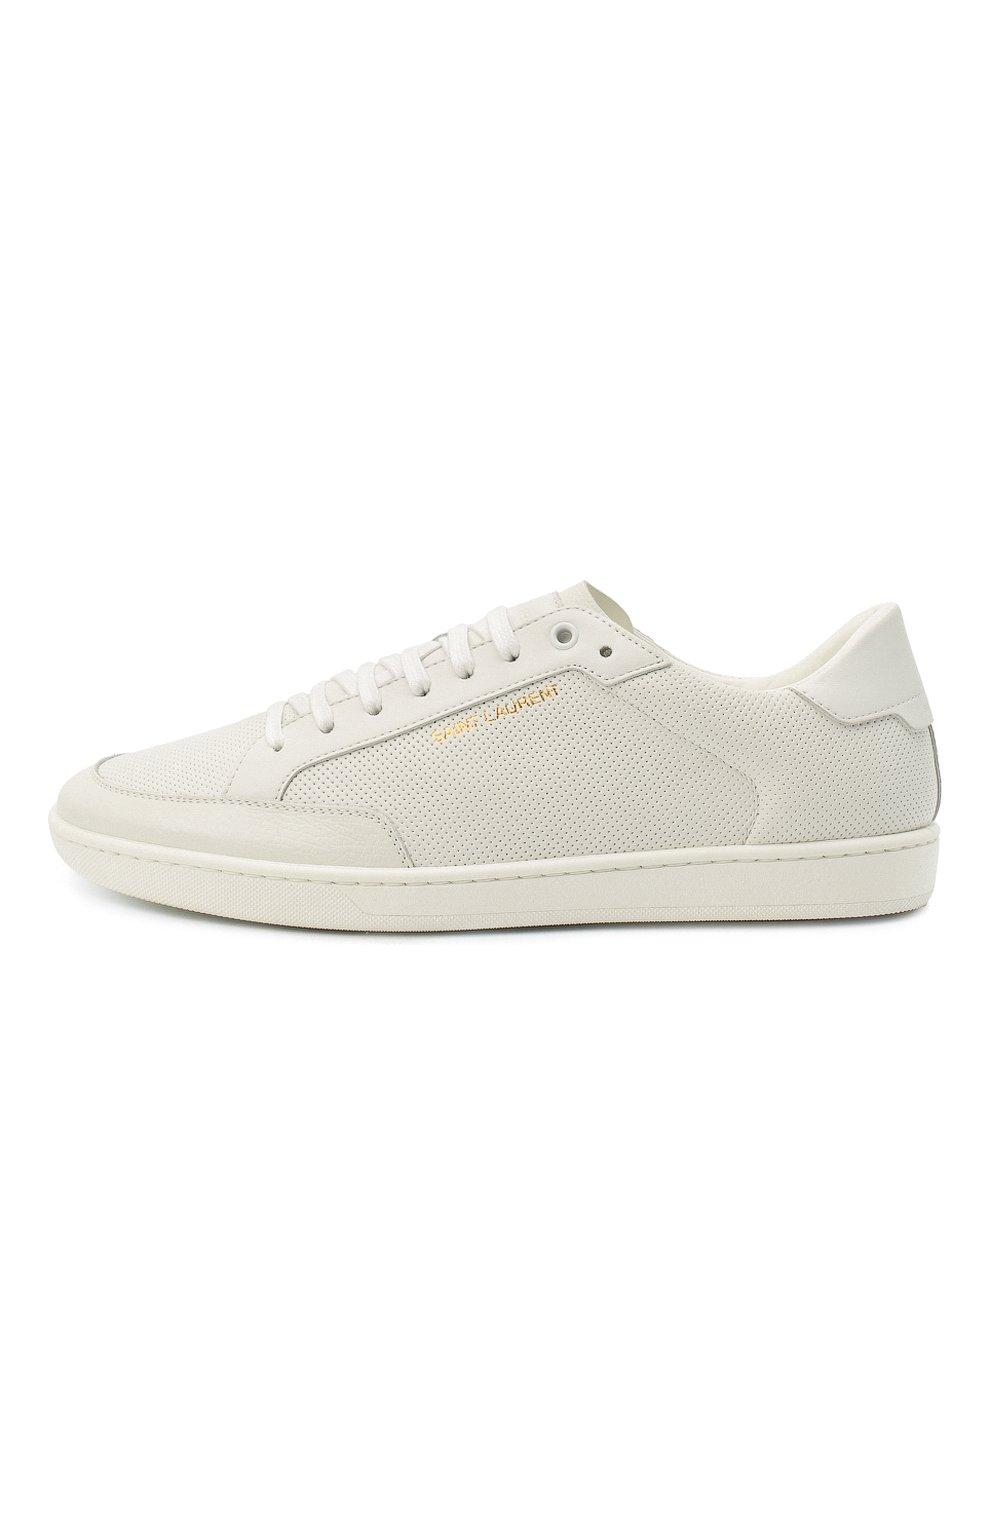 Мужские кожаные кеды court classic sl/10 SAINT LAURENT белого цвета, арт. 603223/1JZ10 | Фото 4 (Материал внутренний: Натуральная кожа; Подошва: Плоская)